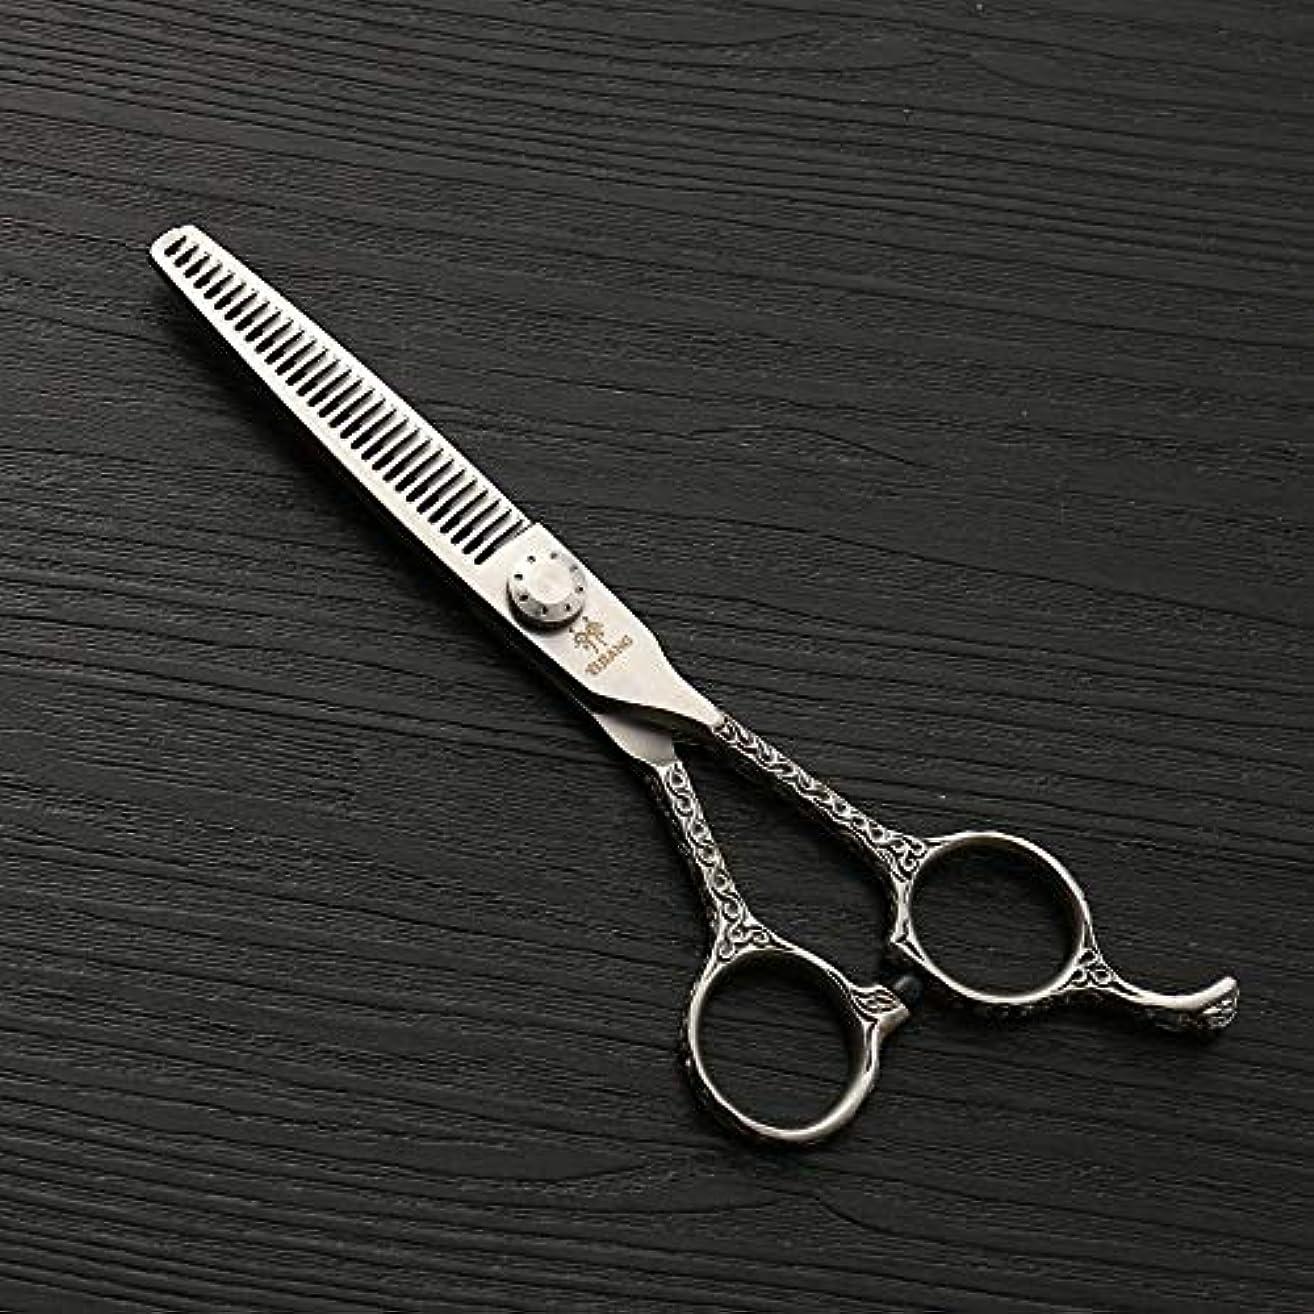 代表少年バイアス6インチの美容院の専門のヘアカットScissors440Cのステンレス鋼 モデリングツール (色 : Silver)